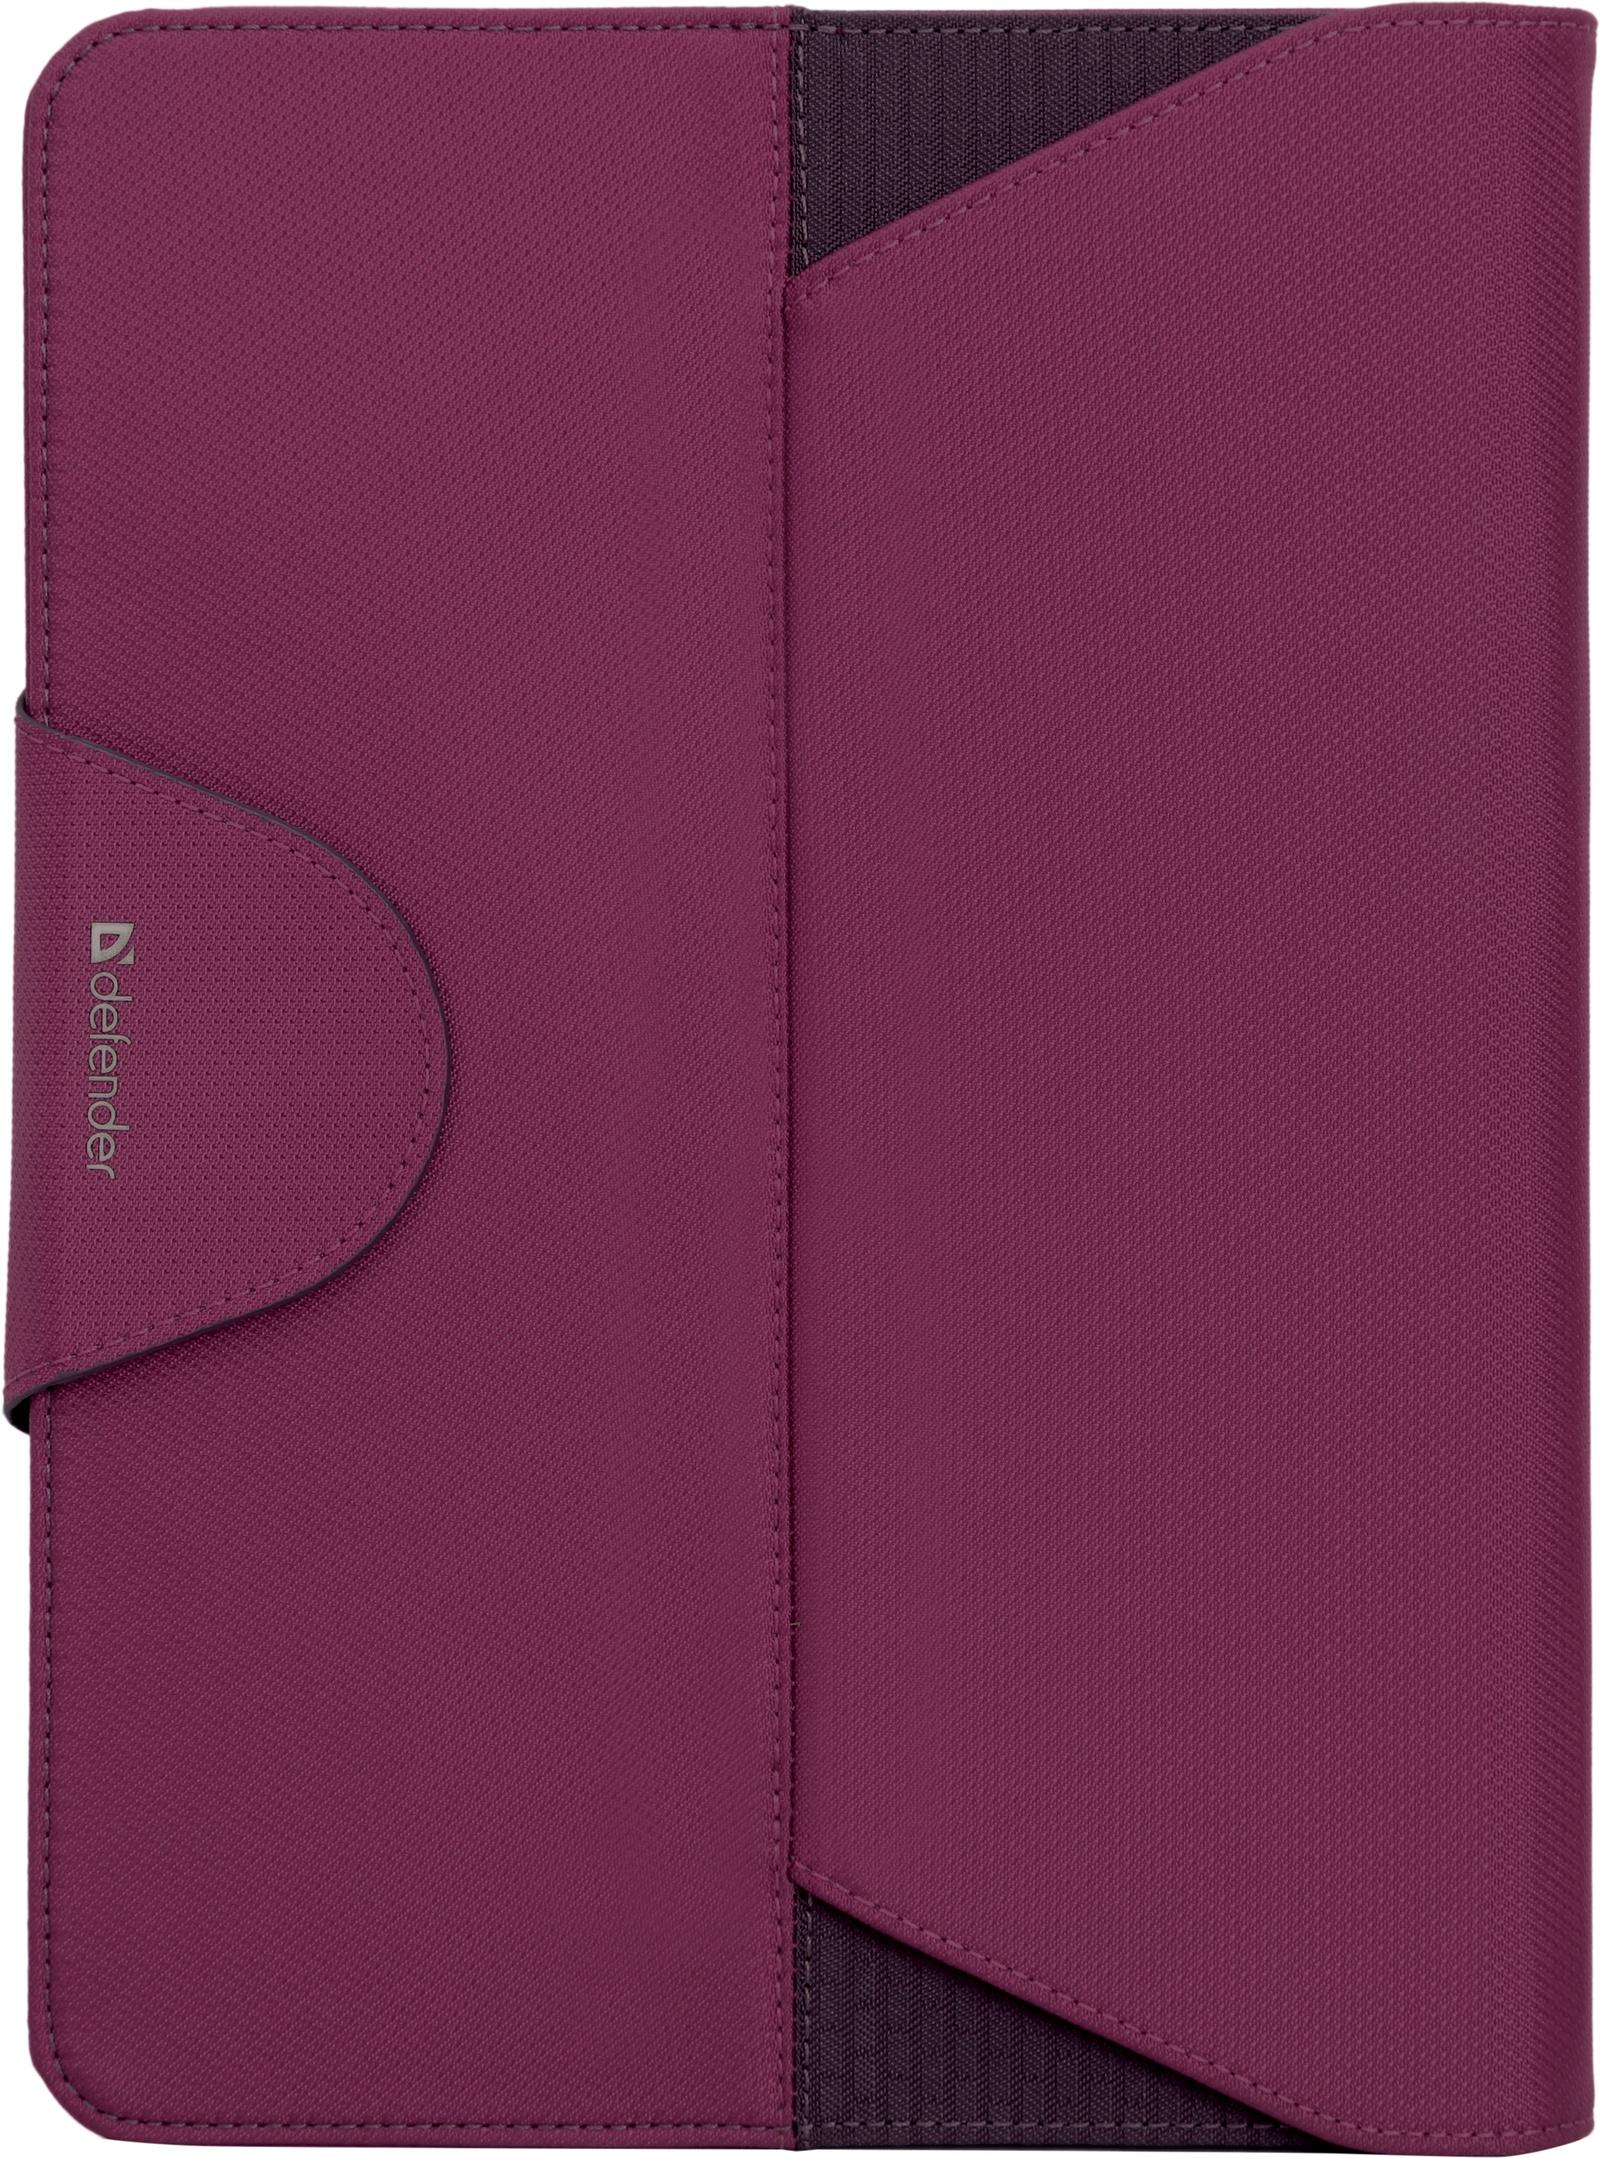 Чехол для планшета Defender Double case, черный, розовый